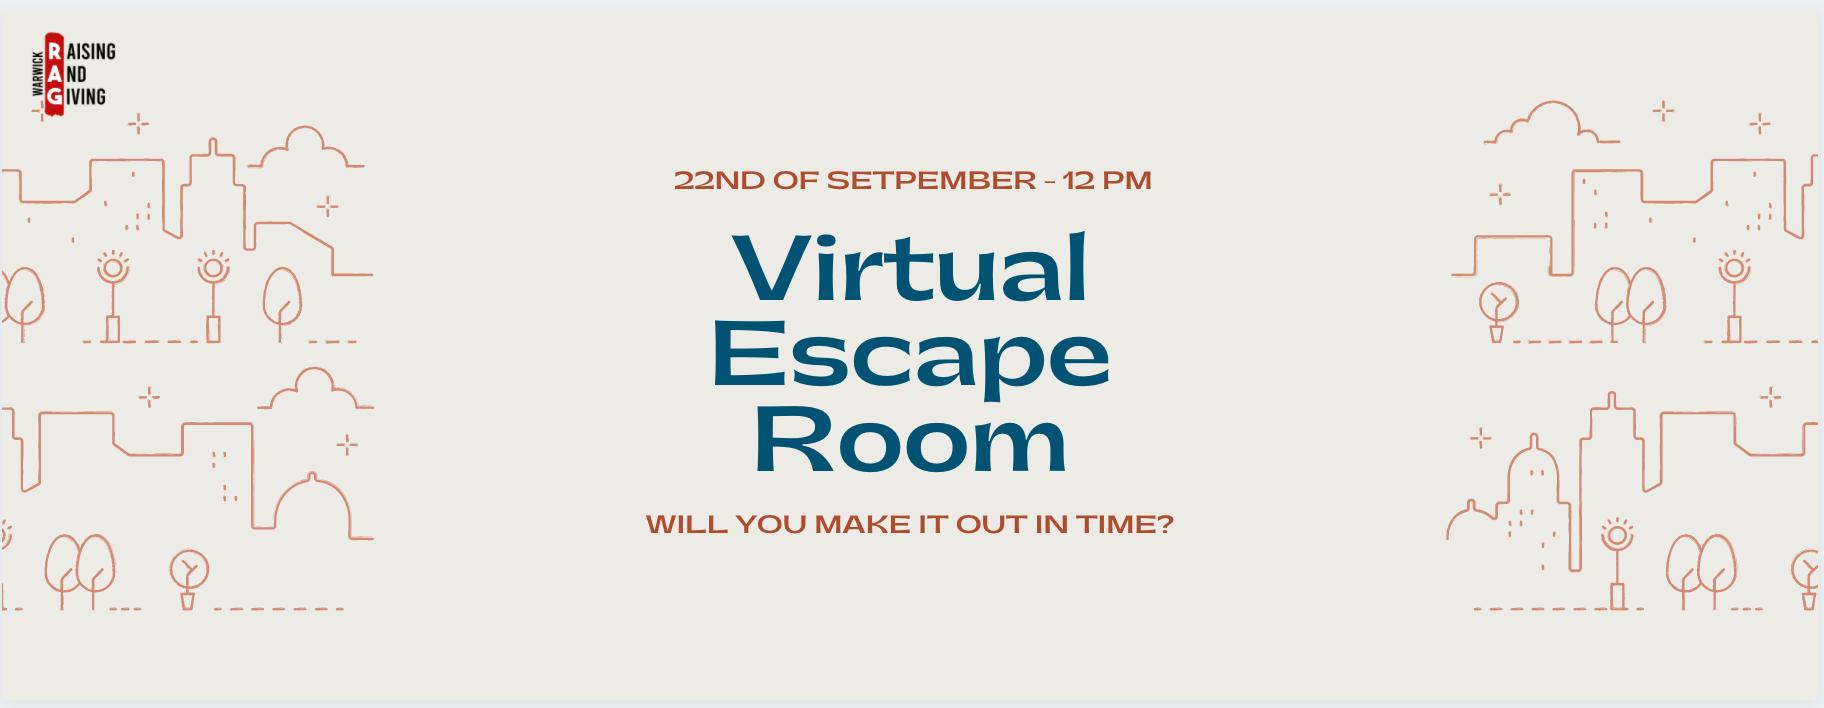 How do you make yourself a virtual escape room?